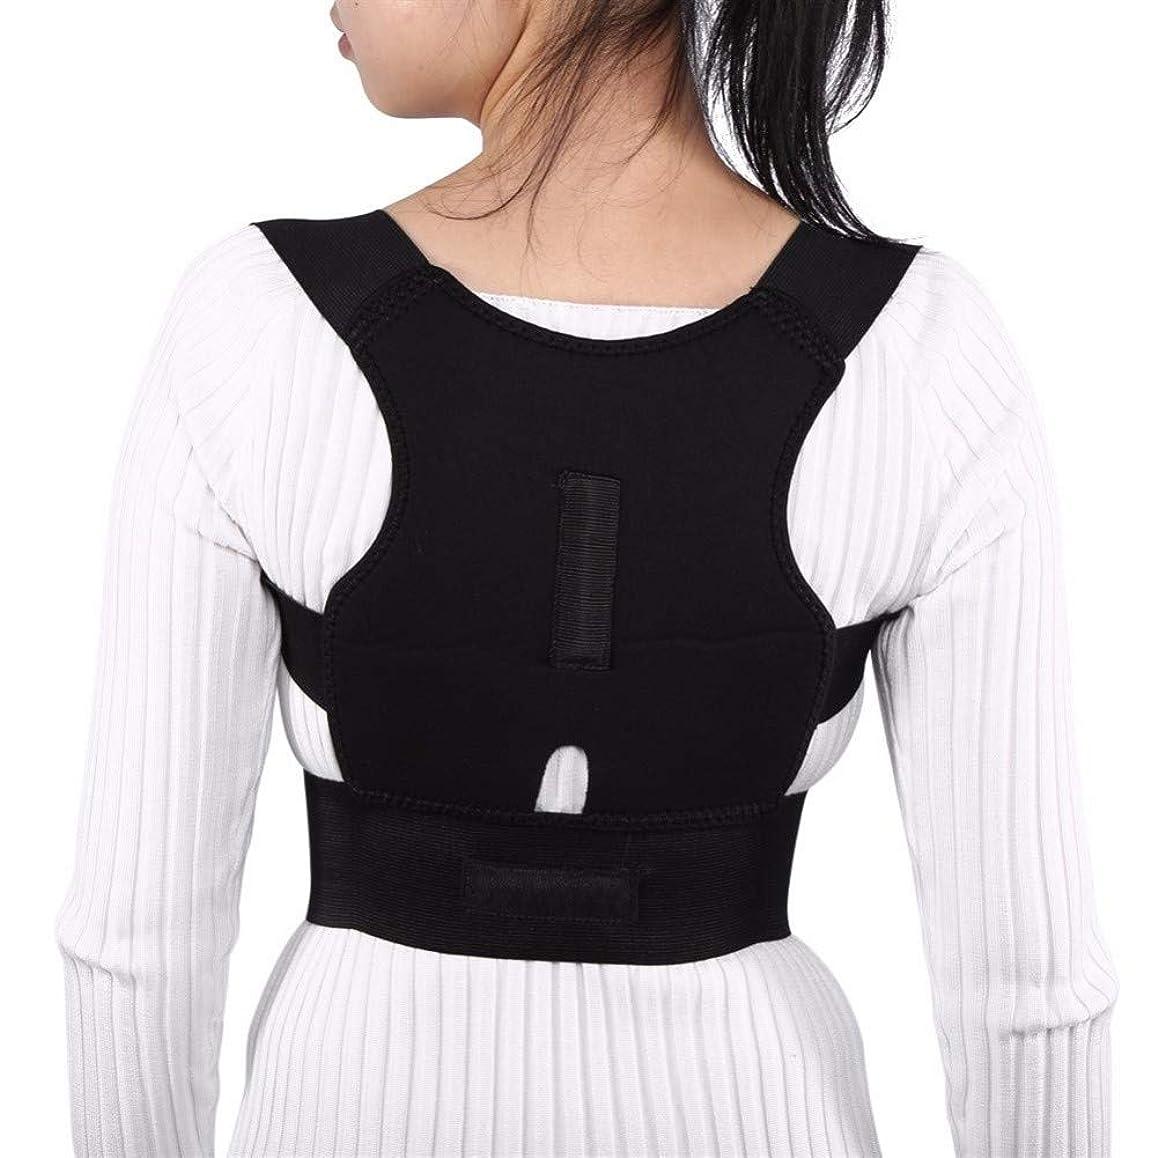 カウンターパート硬い常習者RZDJ 男性の女性のための調節可能なバックブレース姿勢コレクター戻る脊椎サポートブレースベルトショルダー腰椎補正包帯コルセット (Color : Black, Size : L)